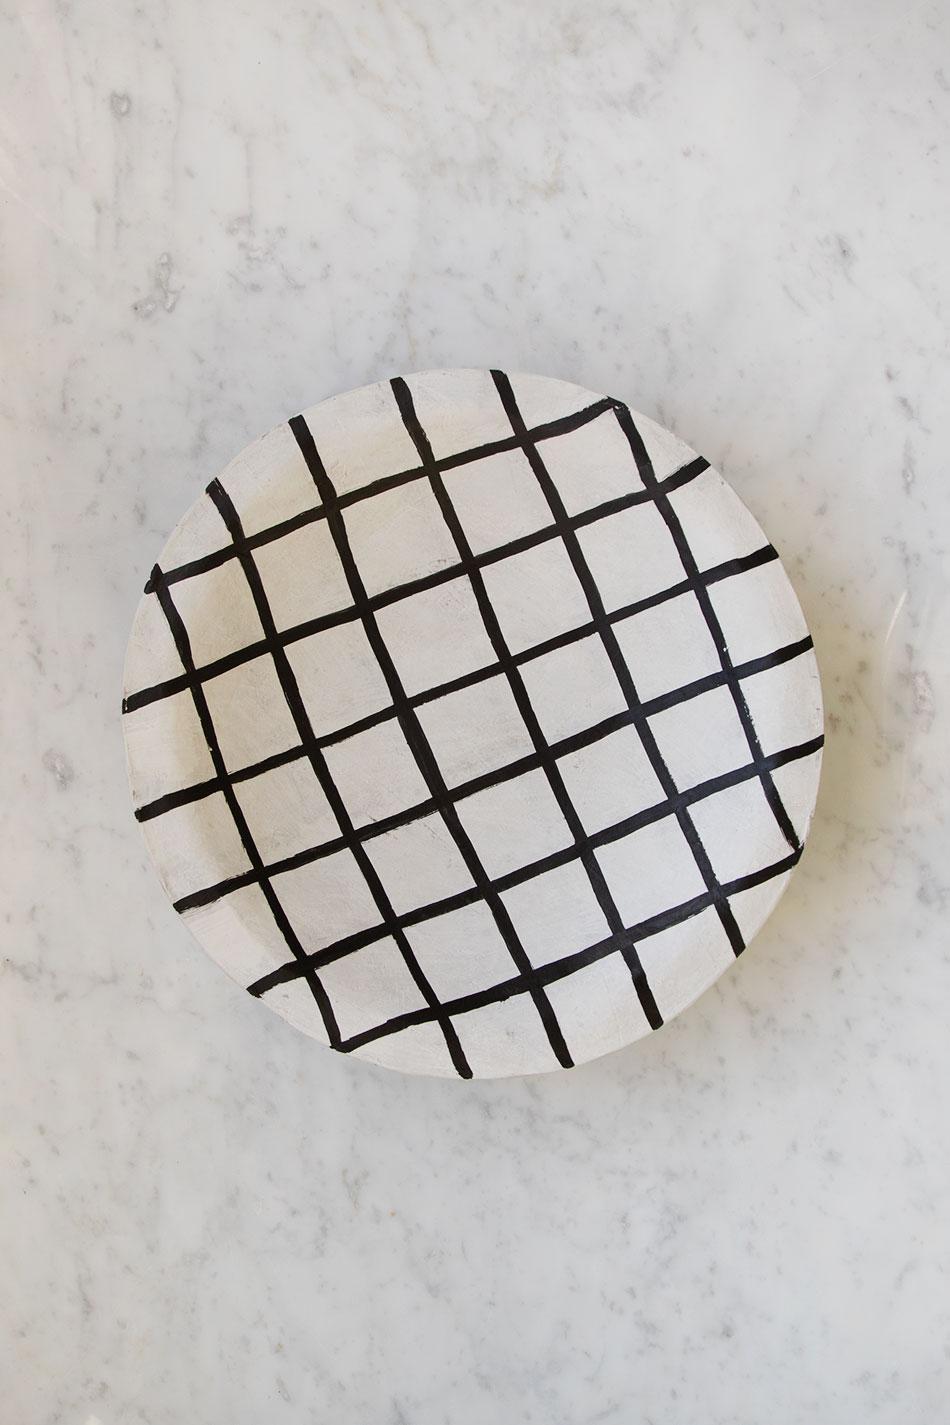 Papier Mache Plate Grinding